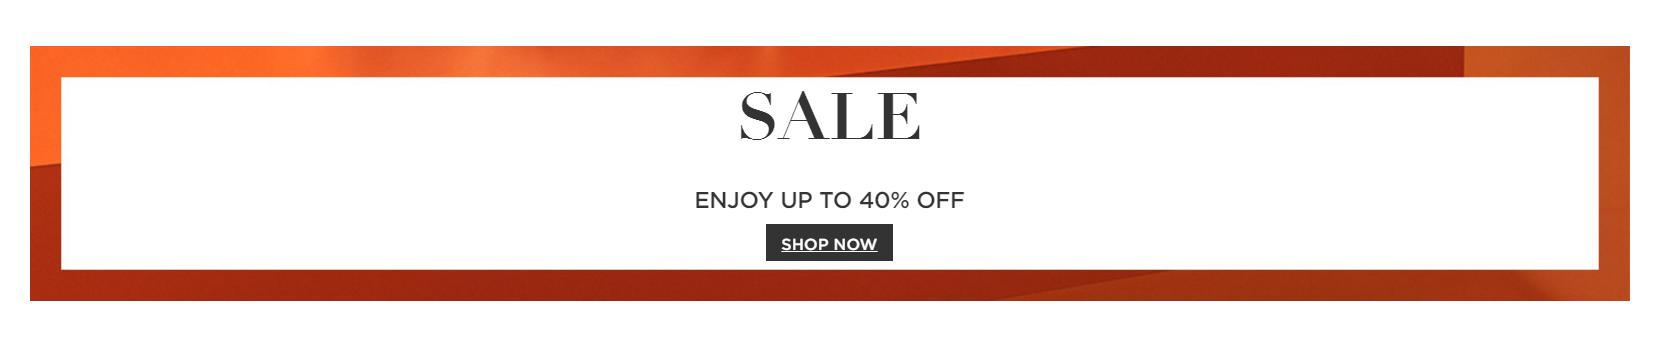 Furla Furla: wyprzedaż do 40% rabatu na galanterię skórzaną